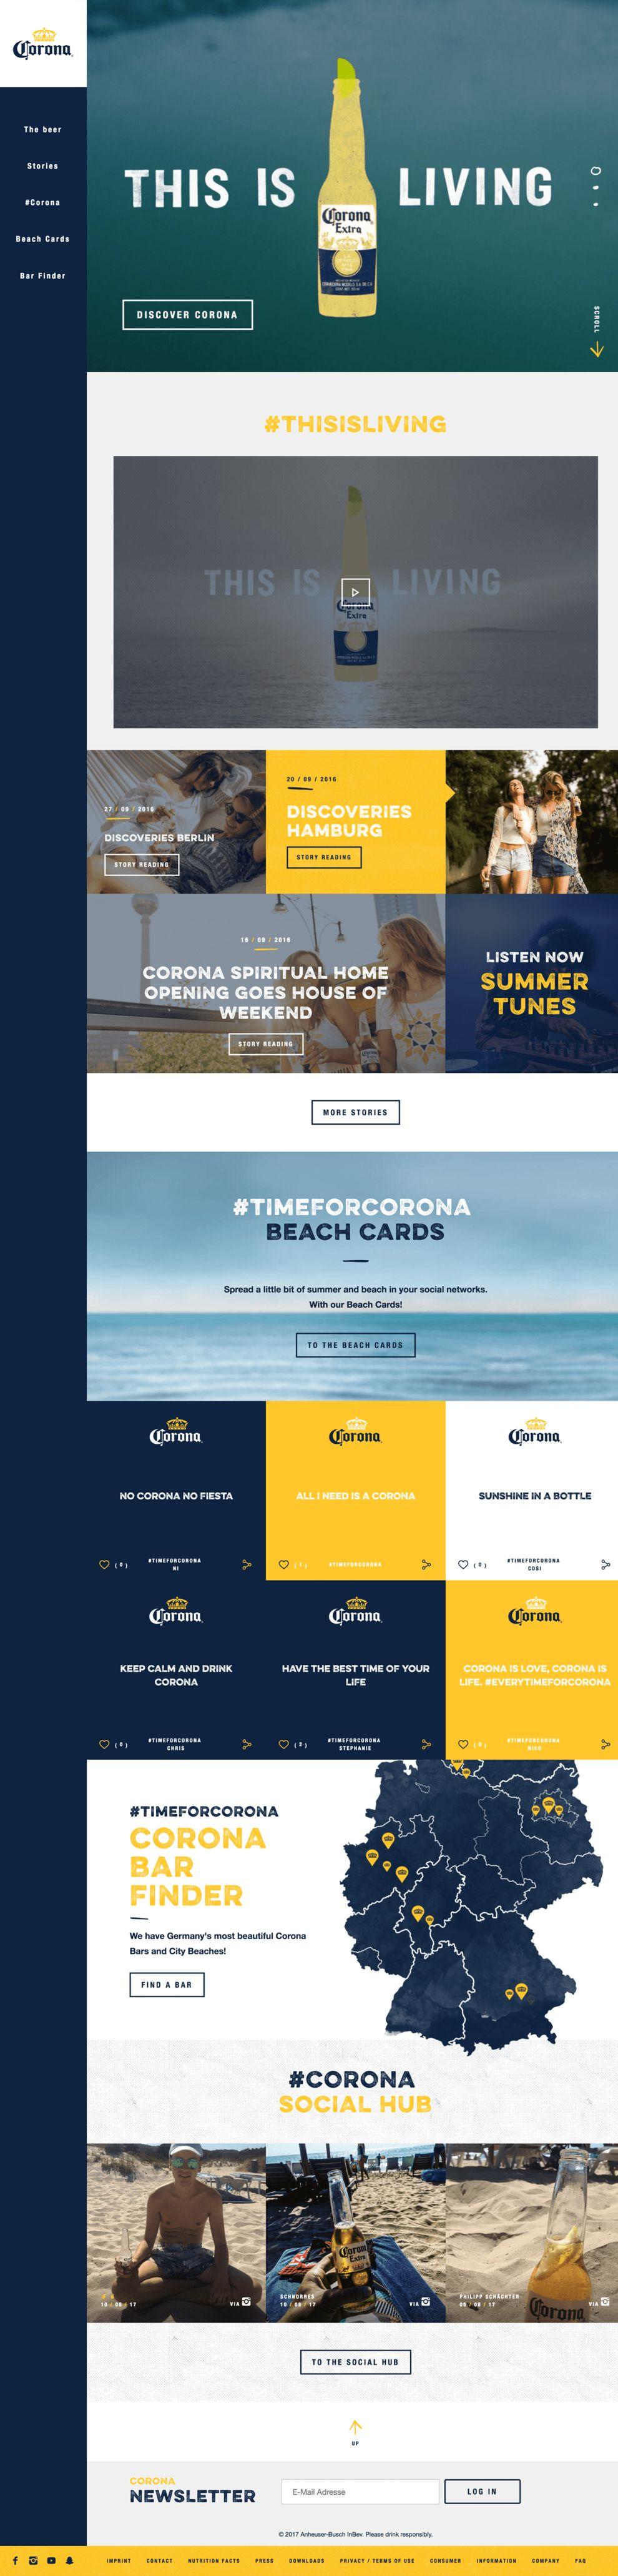 Corona.de Amazing Homepage